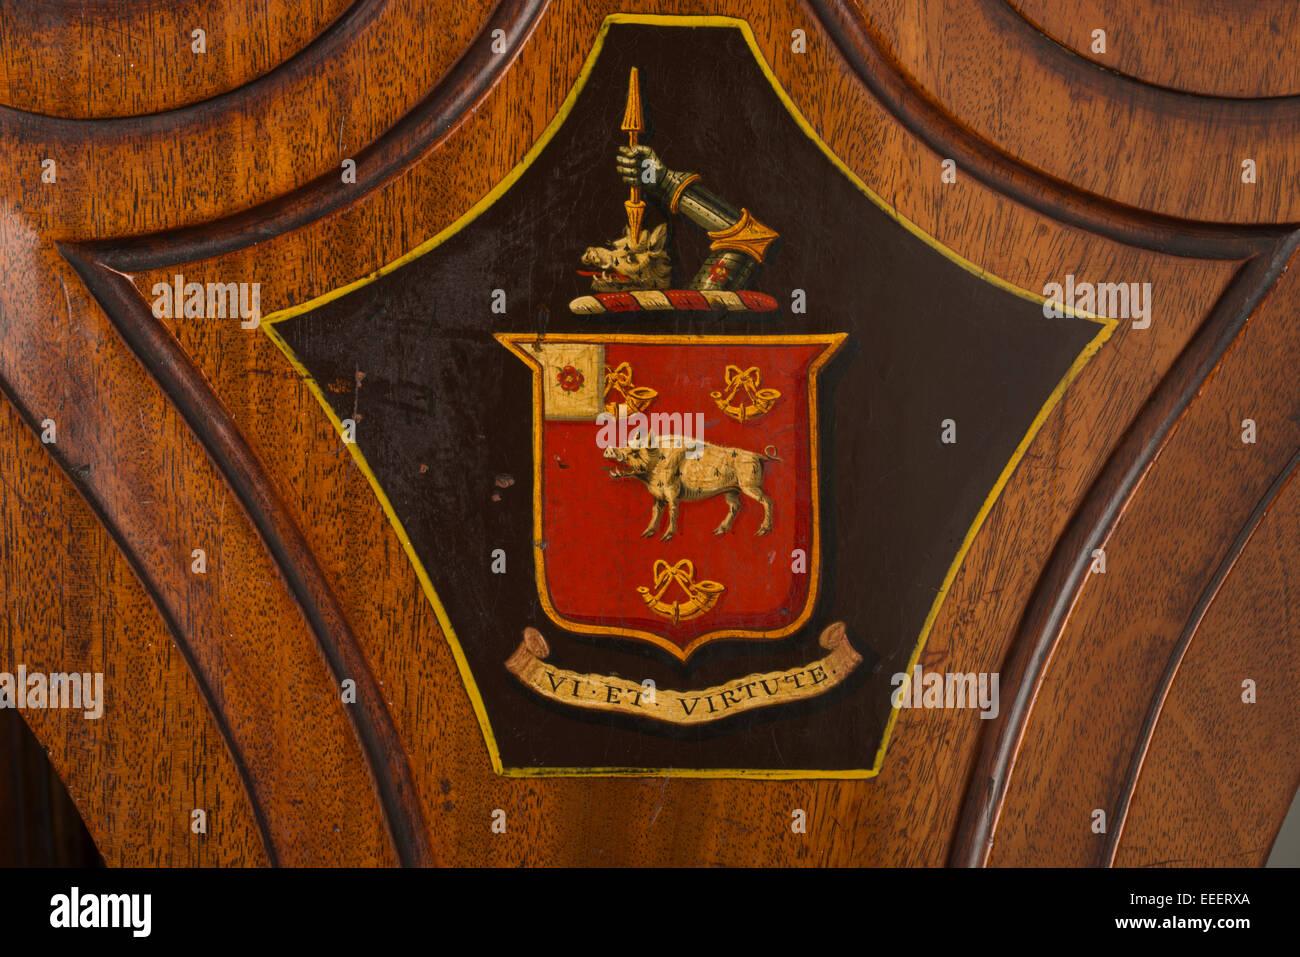 Familienwappen gemalt auf einem Holzstuhl. Motto des Vi et Virtute (durch Stärke und Tapferkeit) ein Schild Stockbild